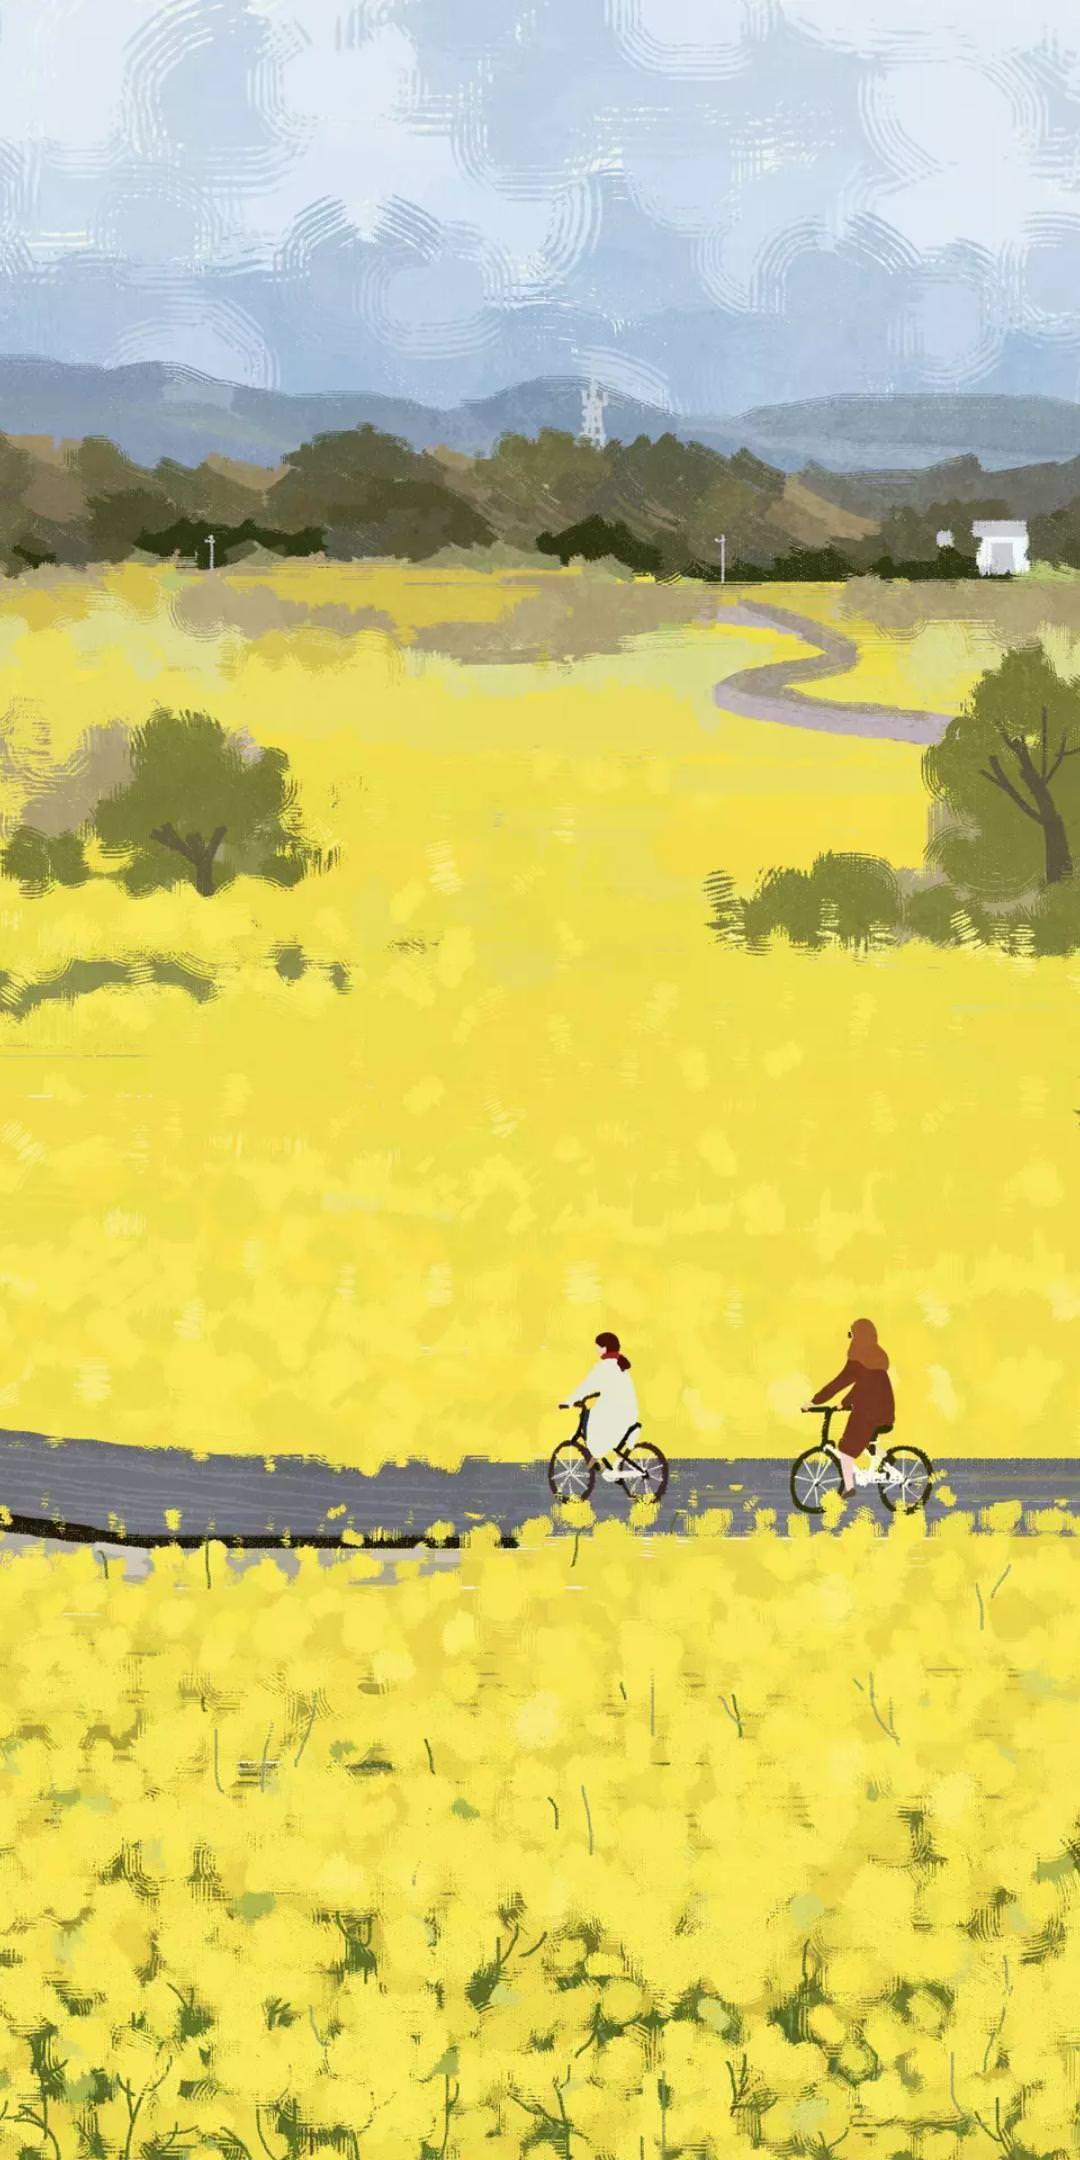 Cycling | Ilustraciones, Arte, Dibujos